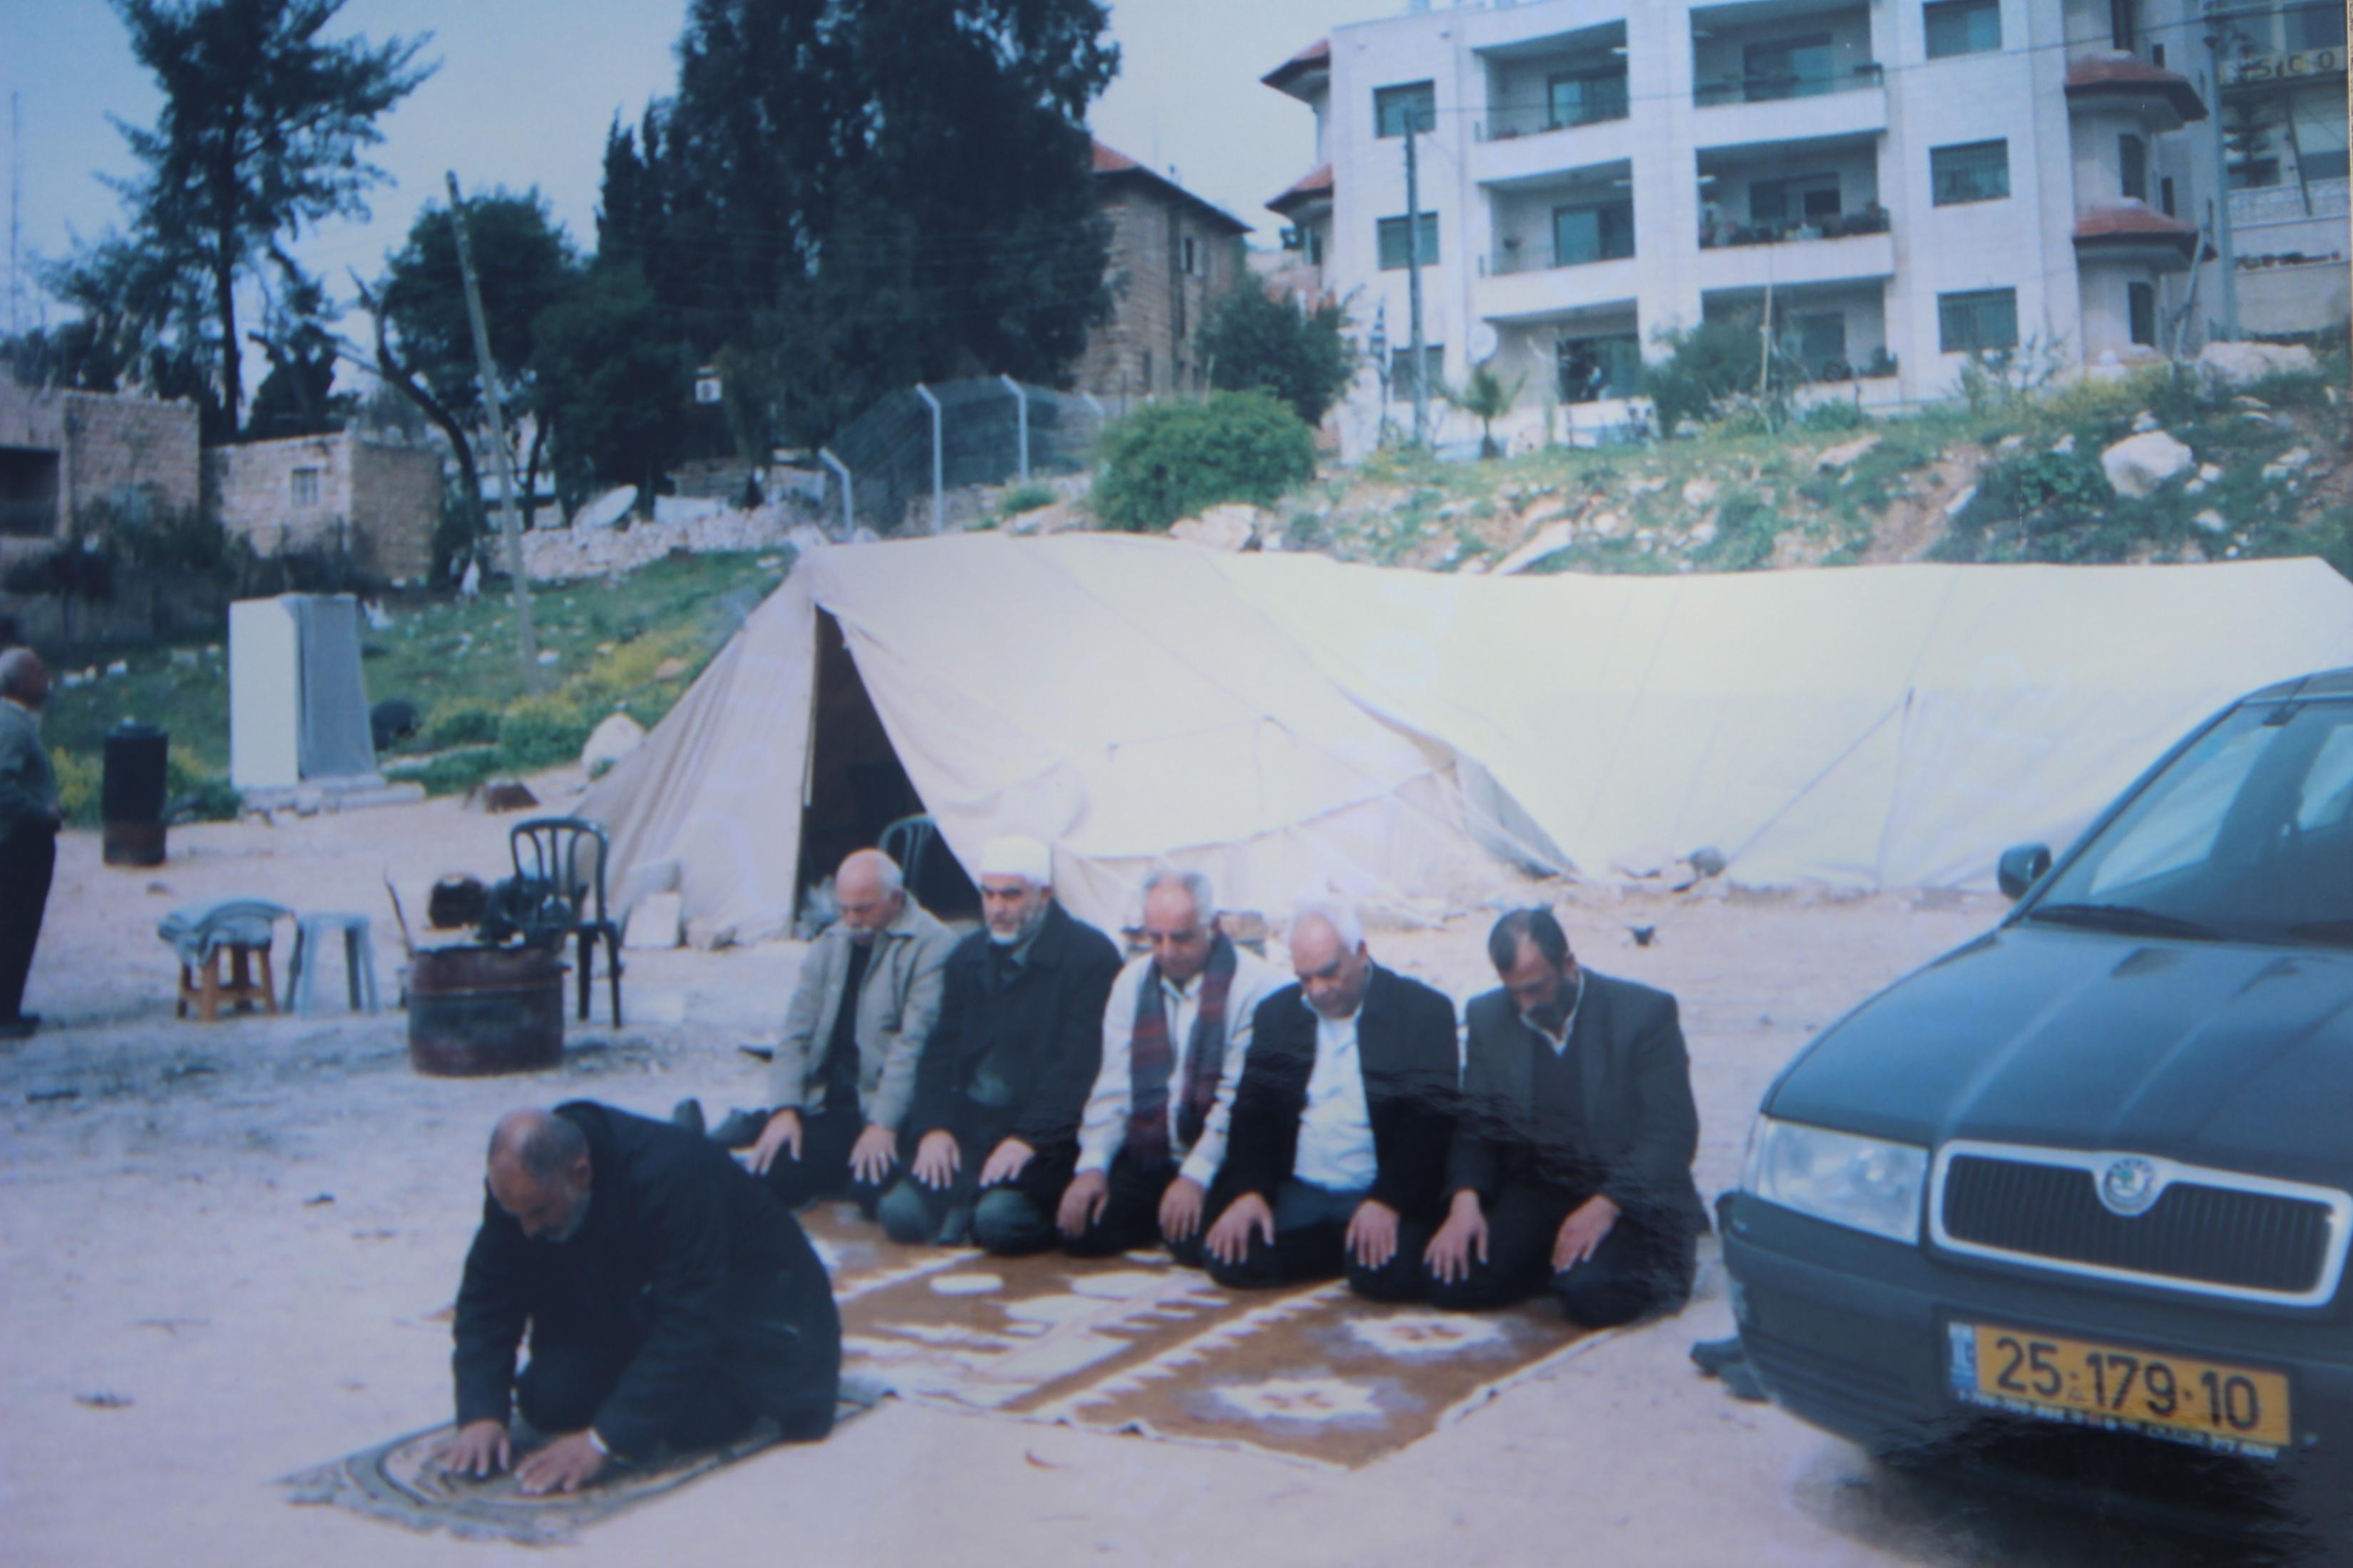 Fawziah al-Kurd